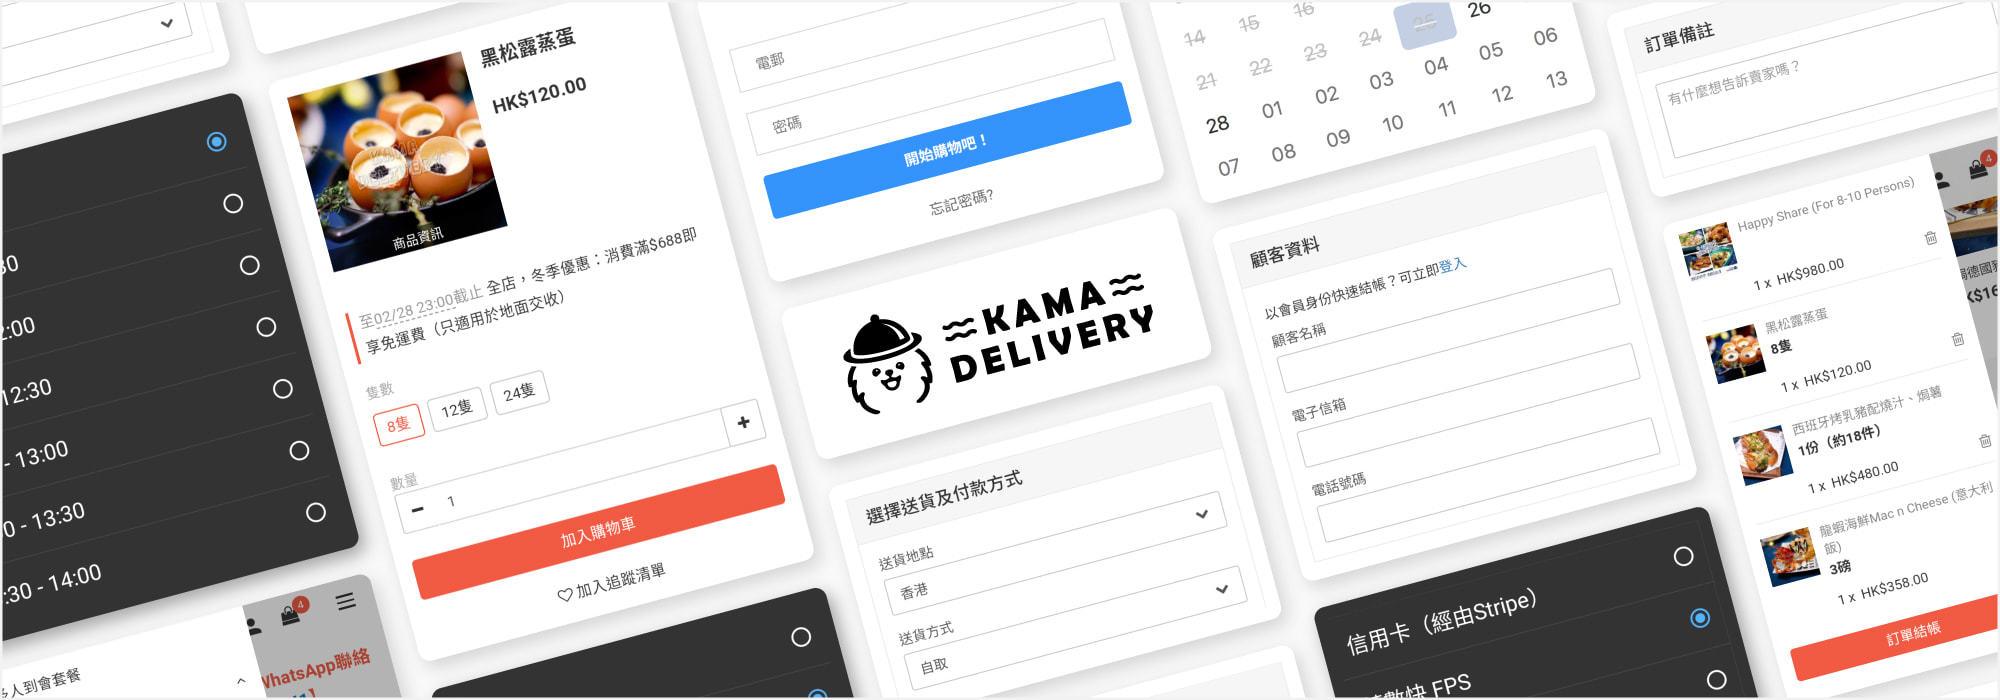 新手訂購到會必睇【網站手機落單圖文教學】 Kama Delivery到會外賣速遞服務